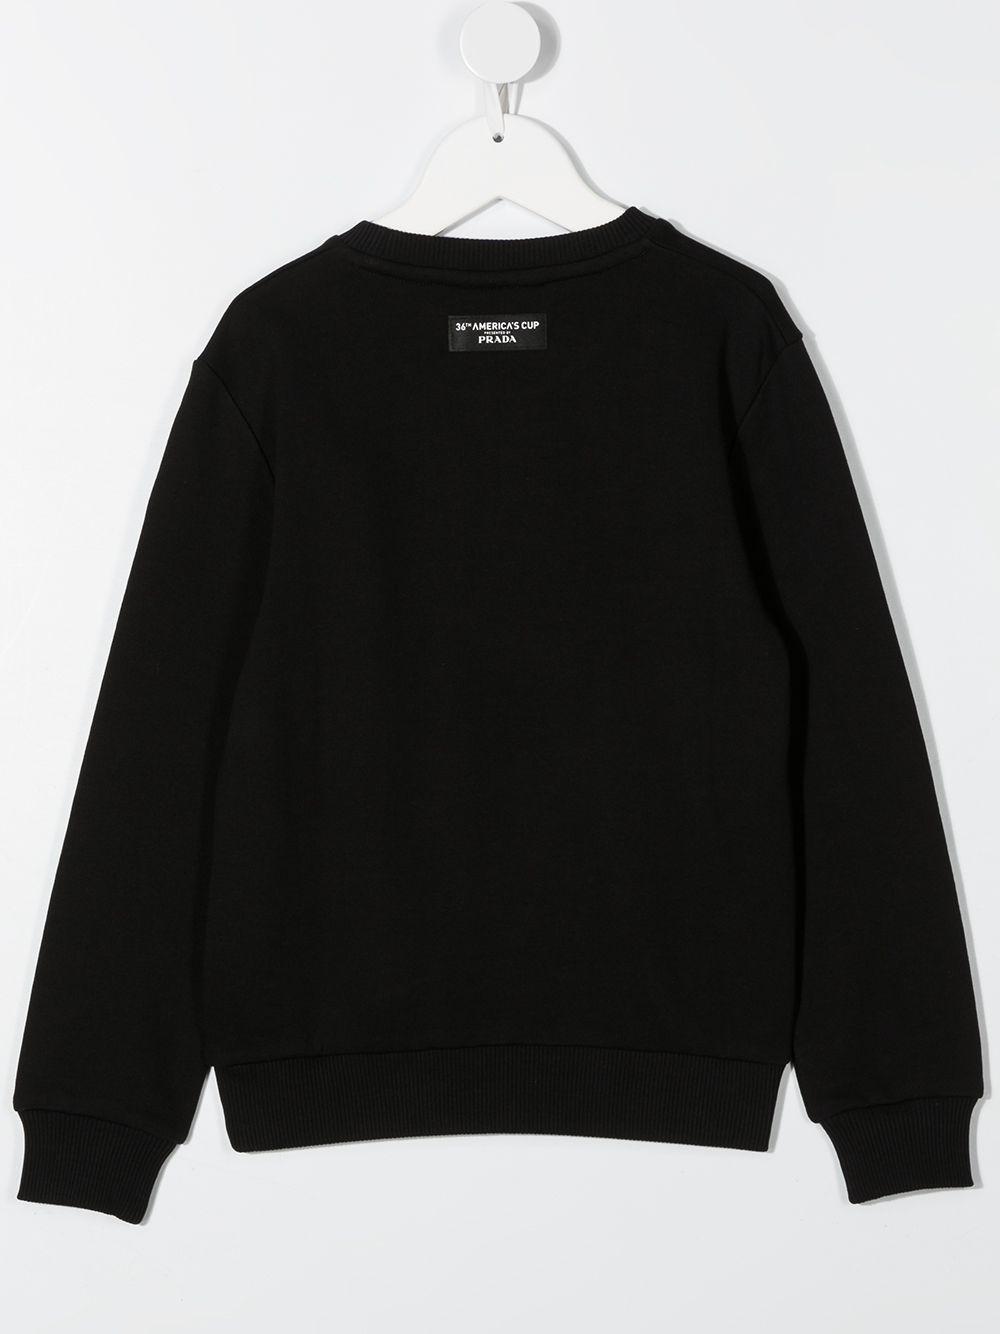 North sails | Sweatshirt | 4530030999